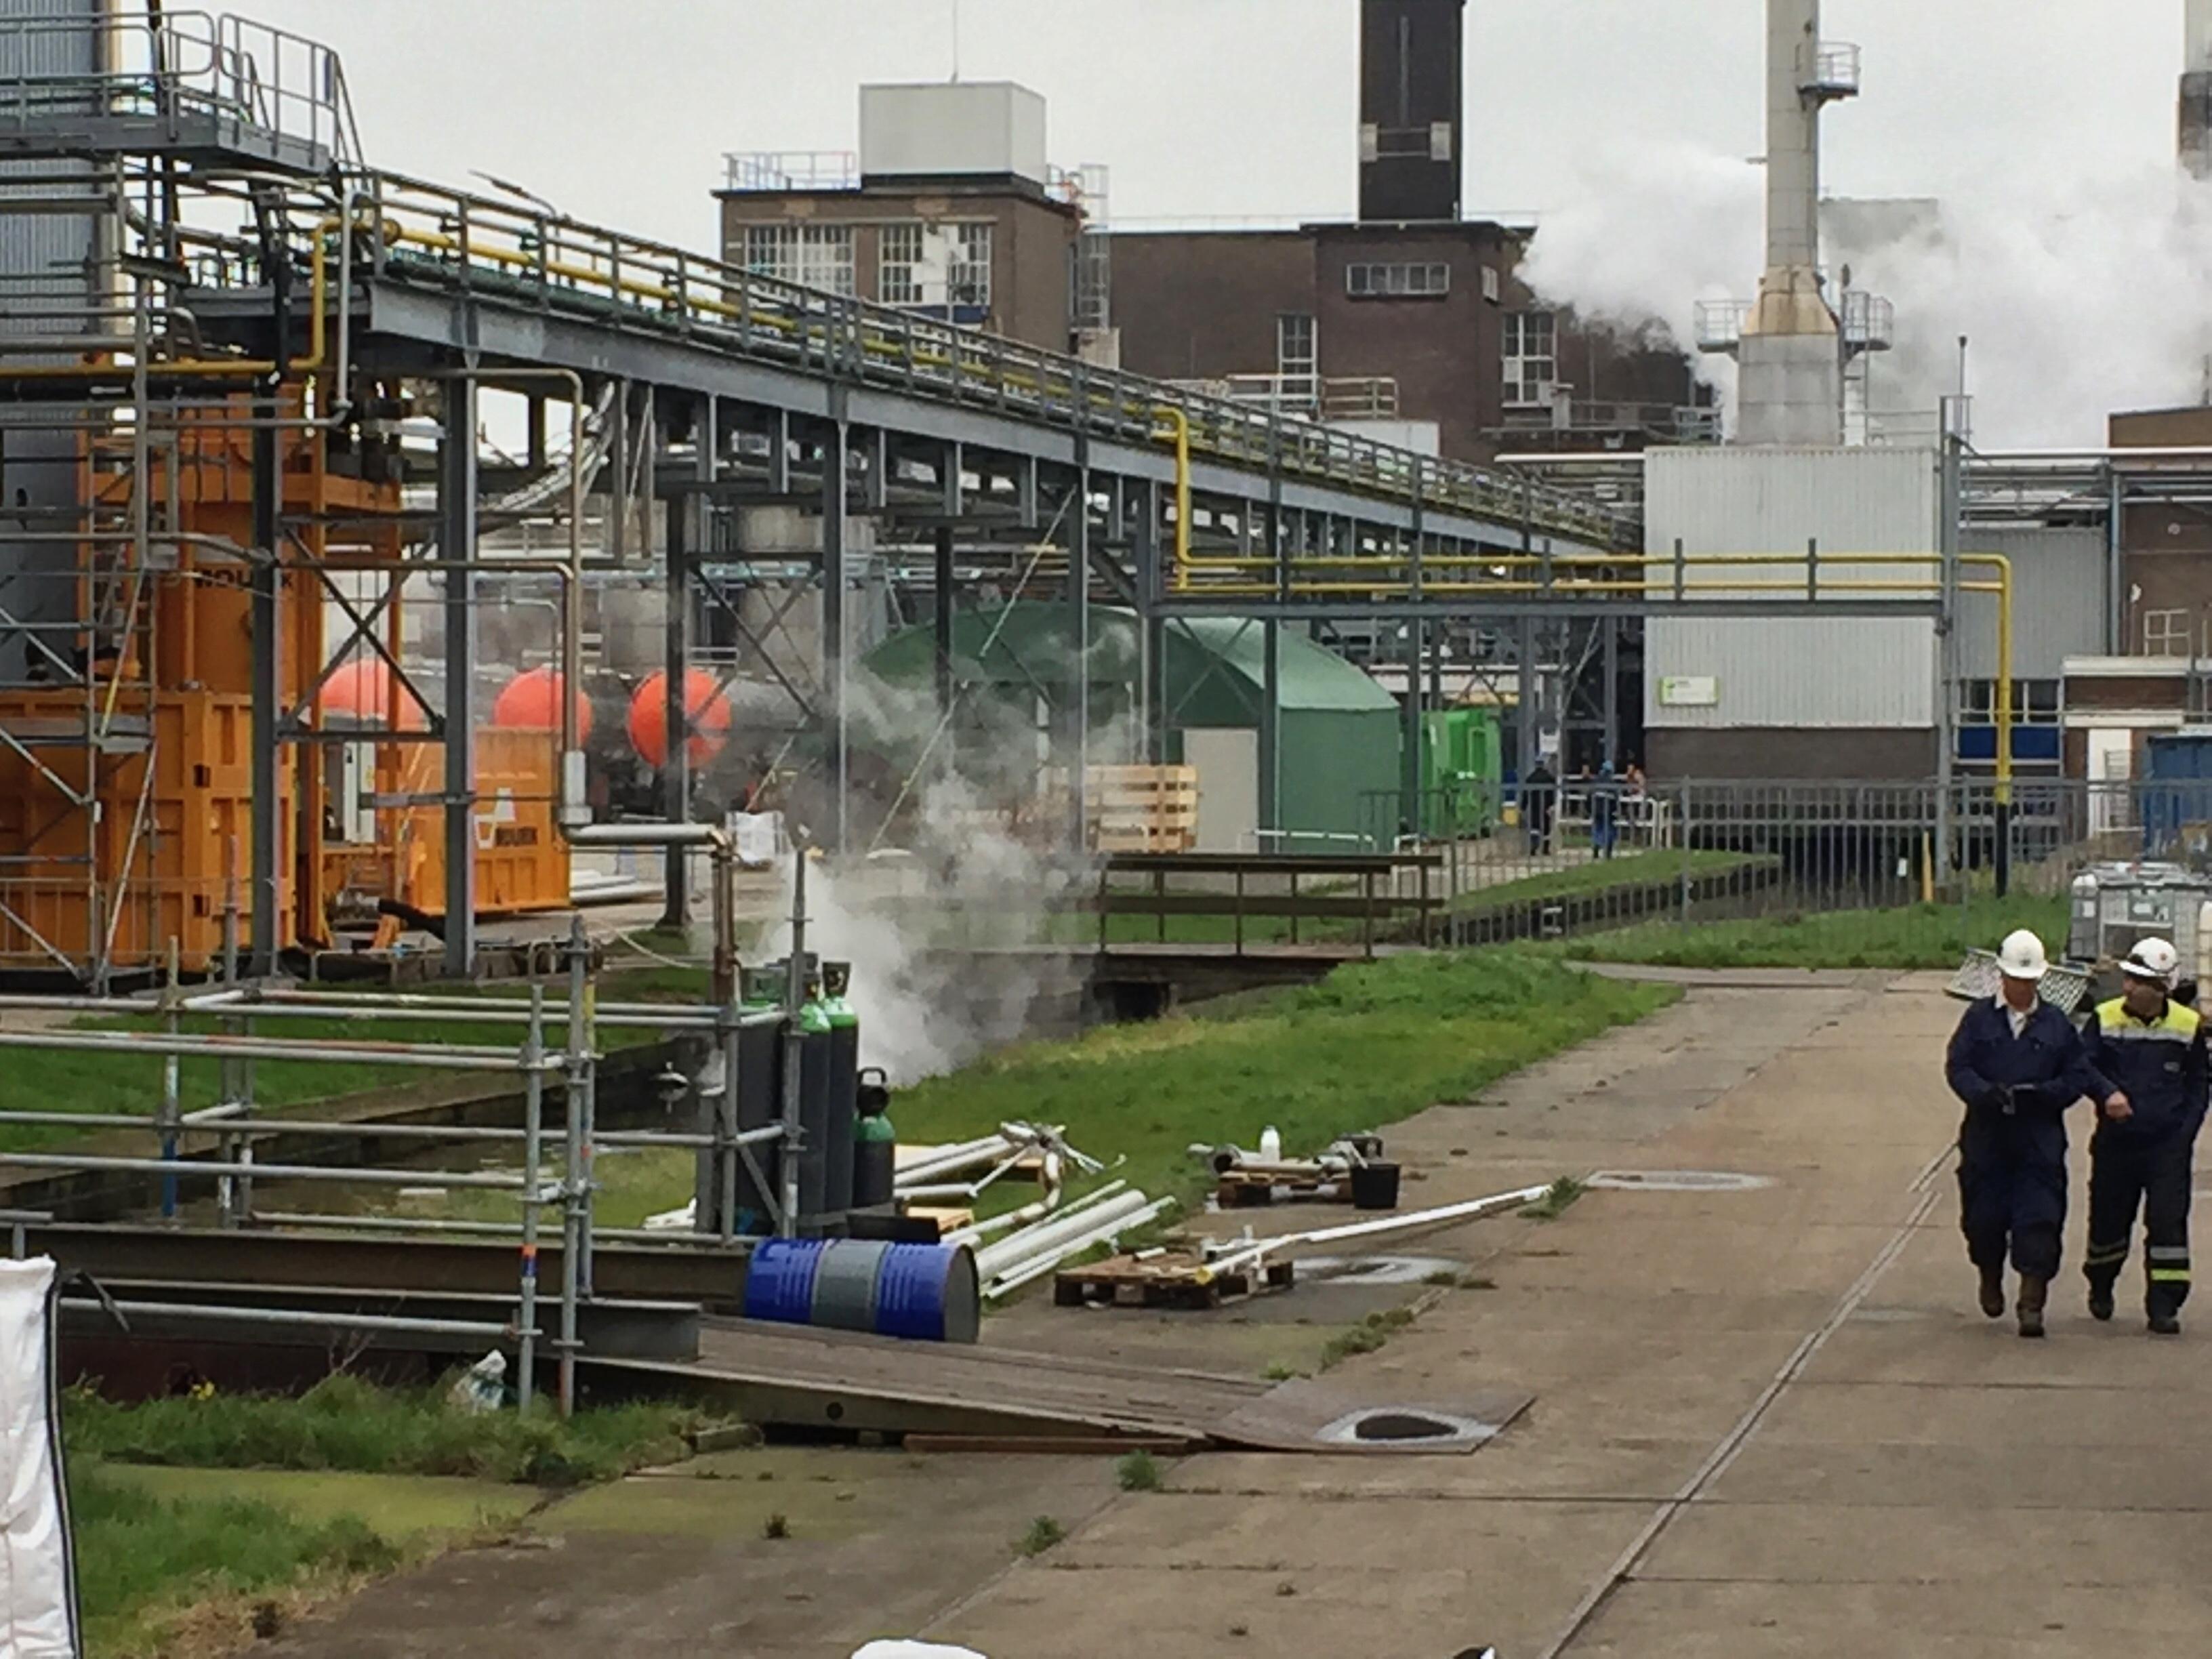 Cacaofabriek Olam in Koog aan de Zaan loost vetten in riool en daardoor stinkt het; Omgevingsdienst grijpt in